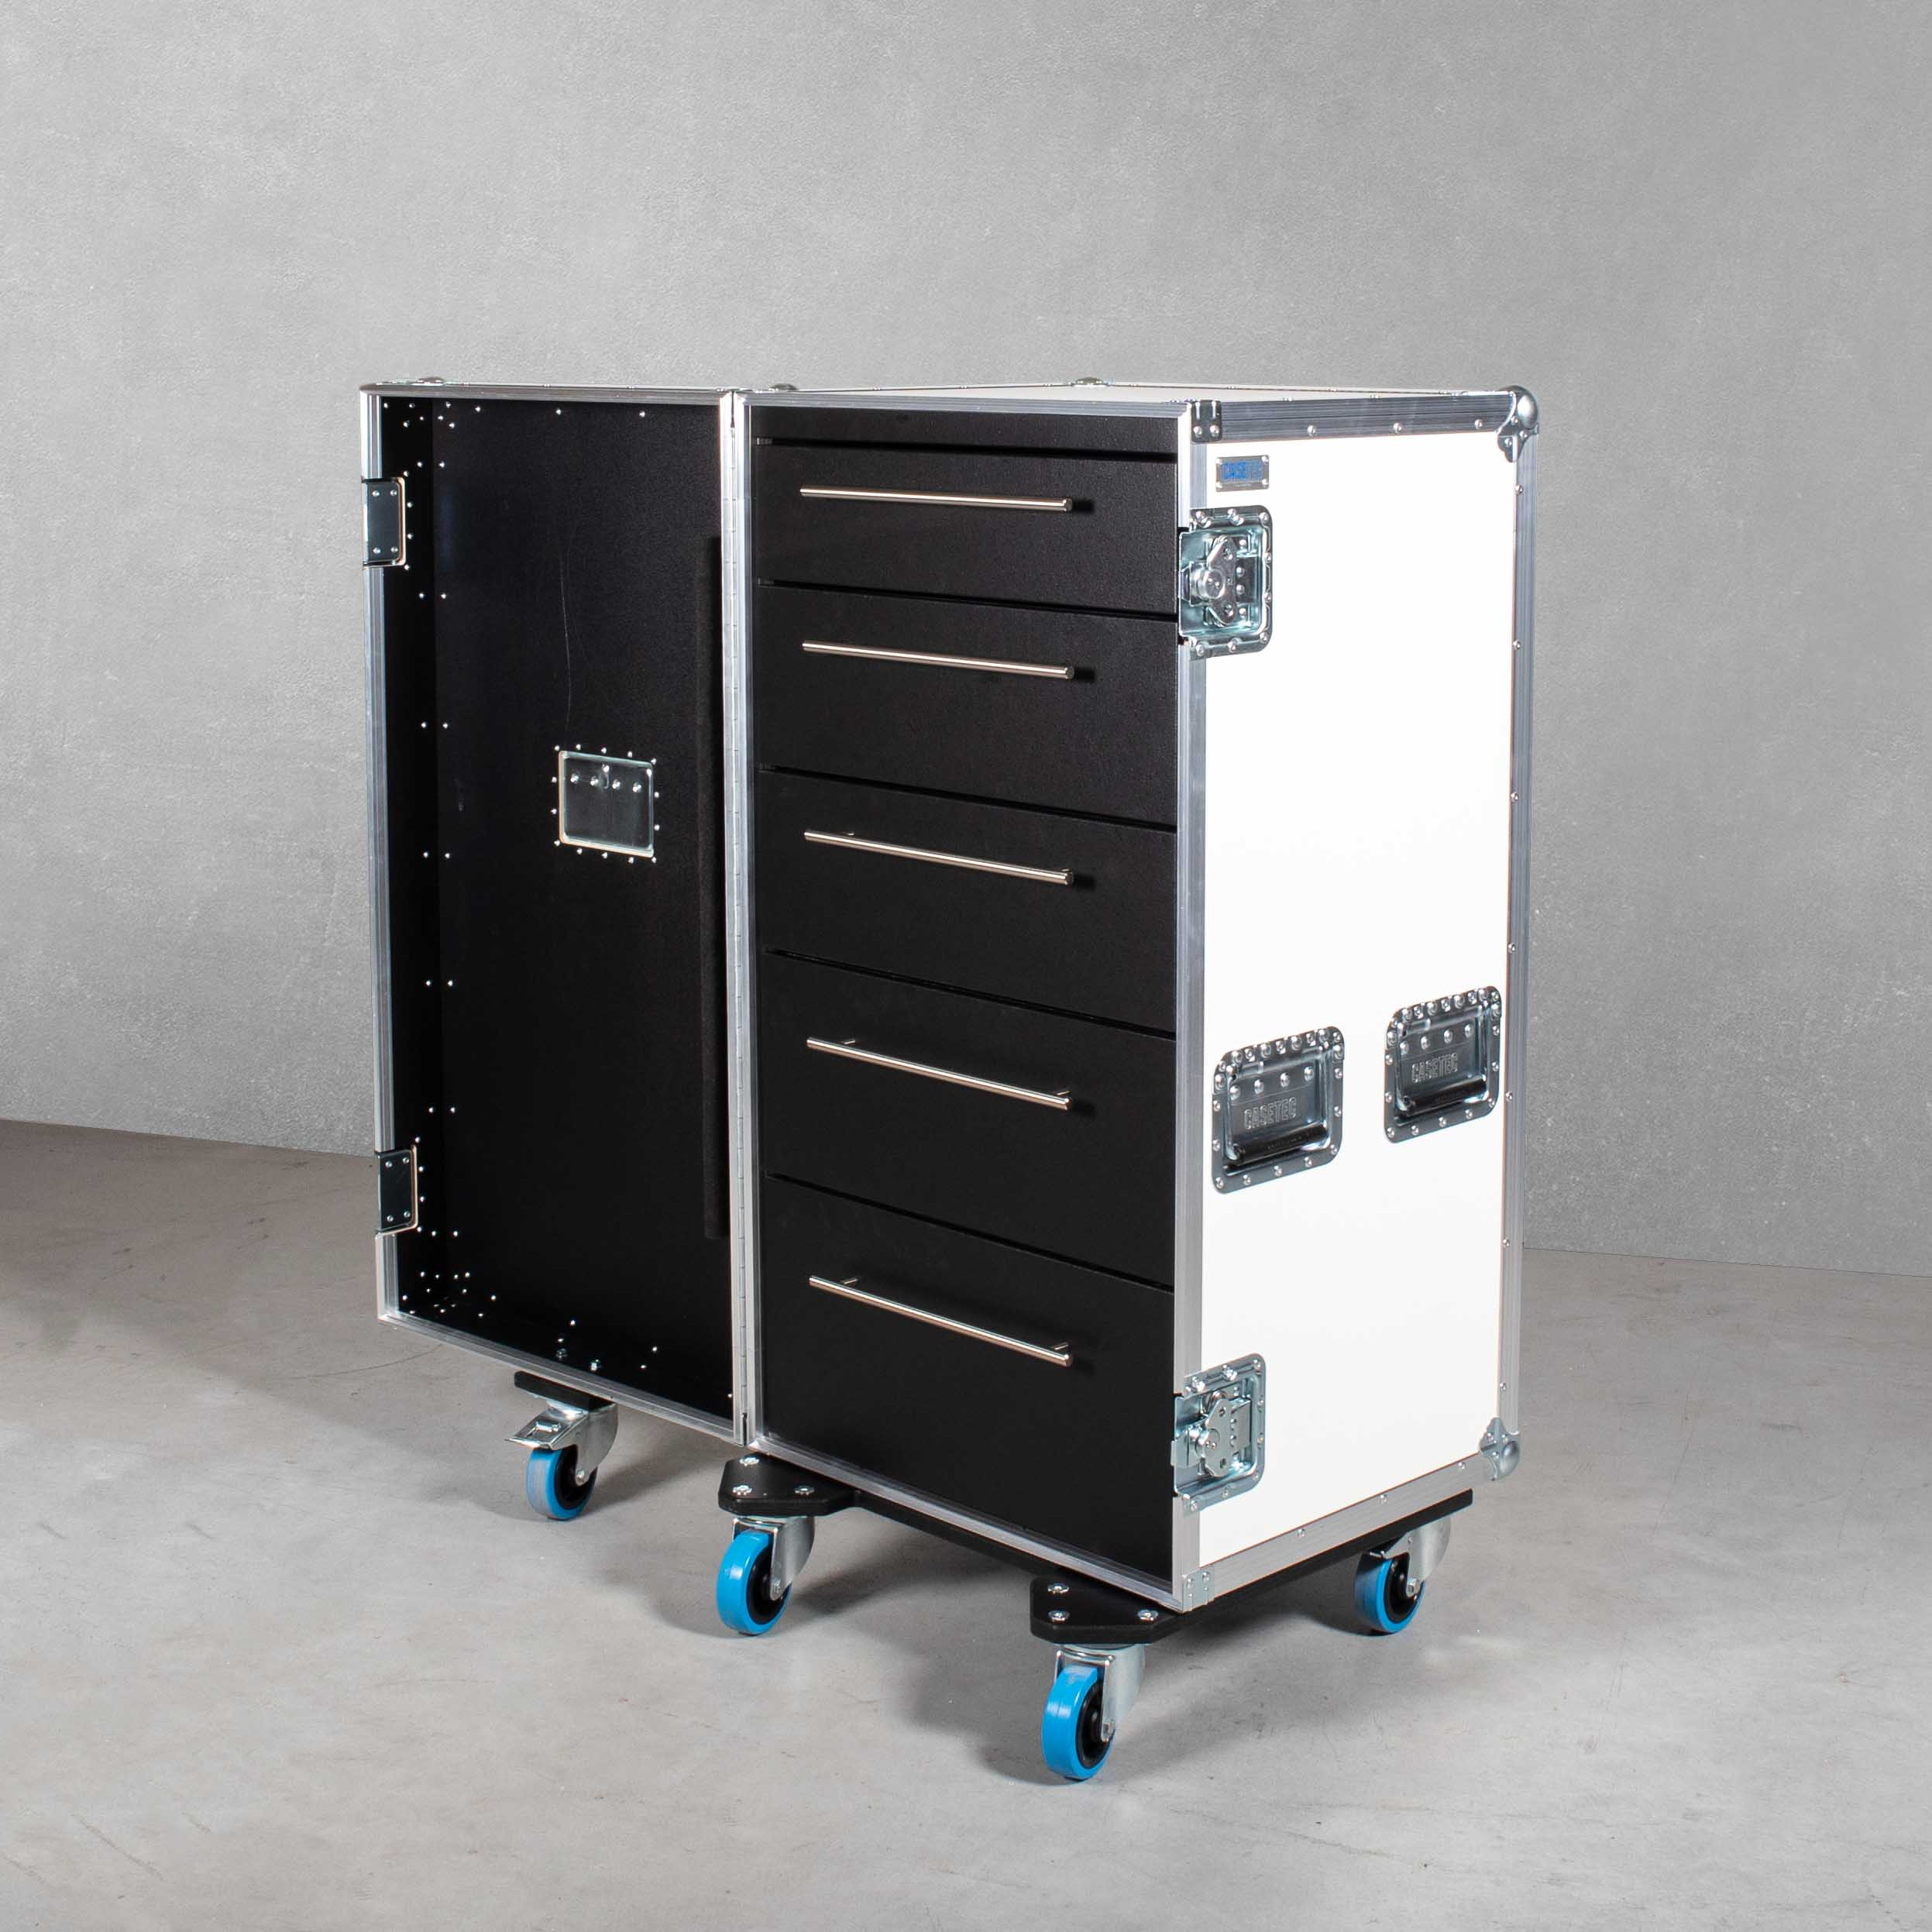 Schubladencase 120er Profi mit 5 Schubladen ohne Arbeitsfläche